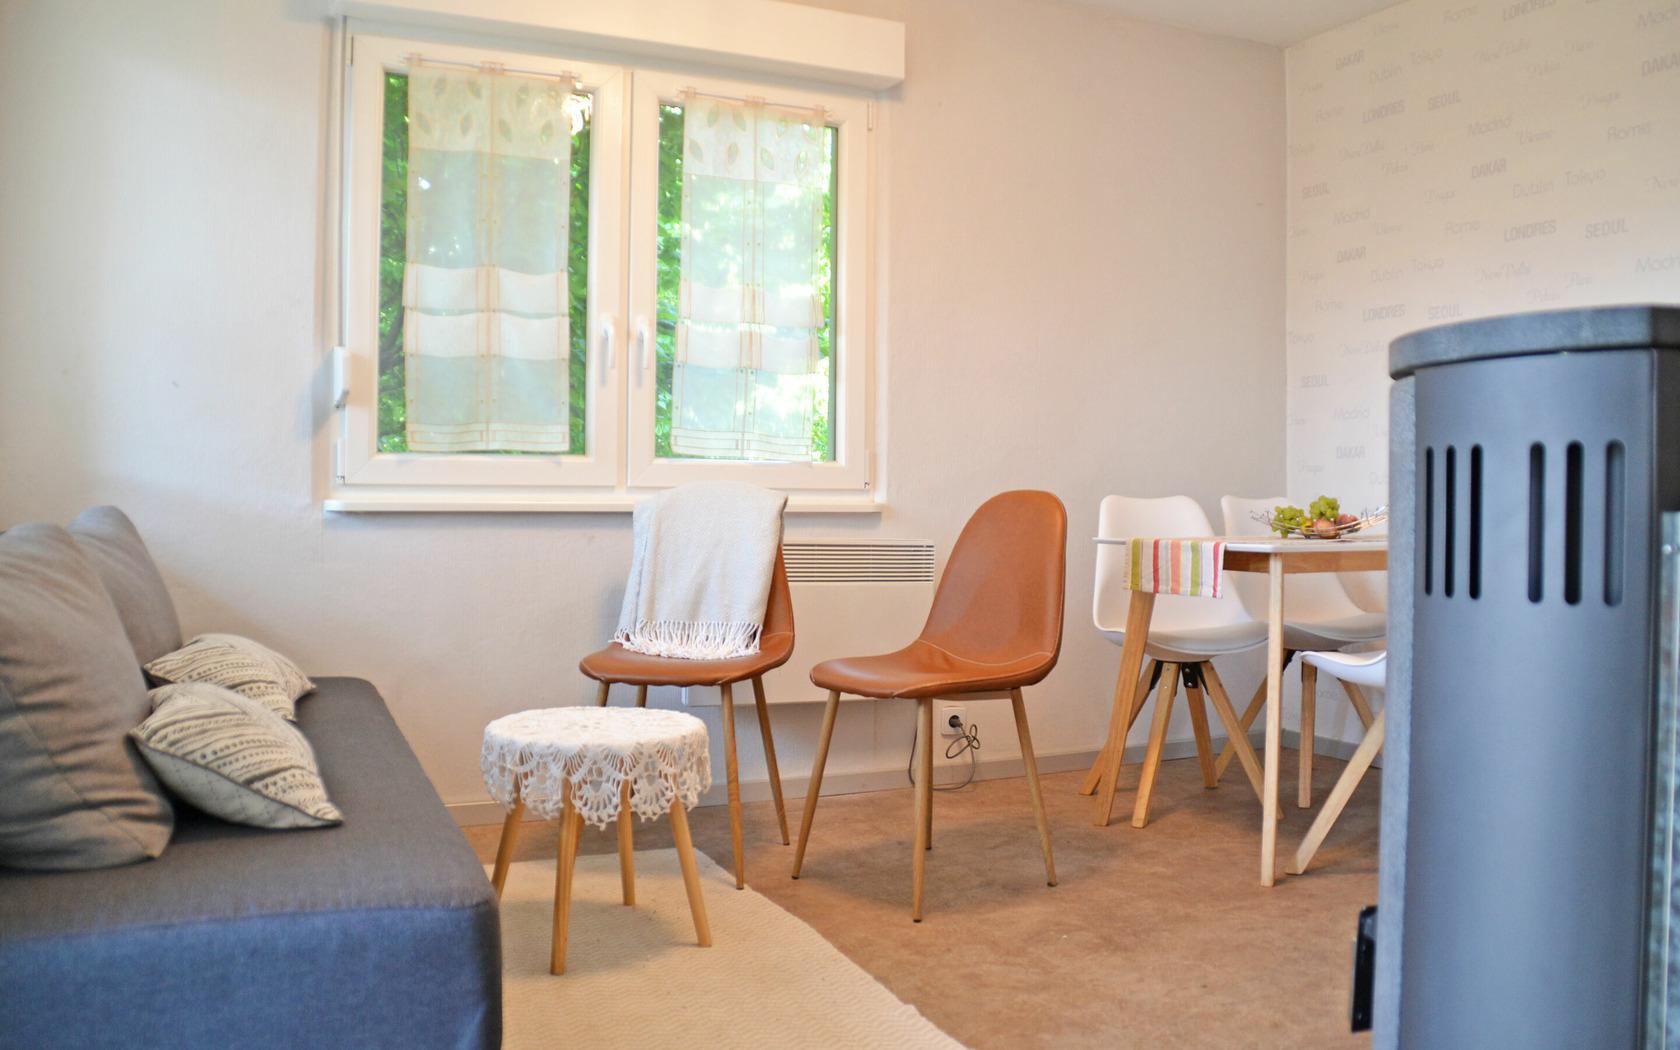 Ferienhaus Gartenidyll Wohn-/Essbereich, Foto: MuT Guben